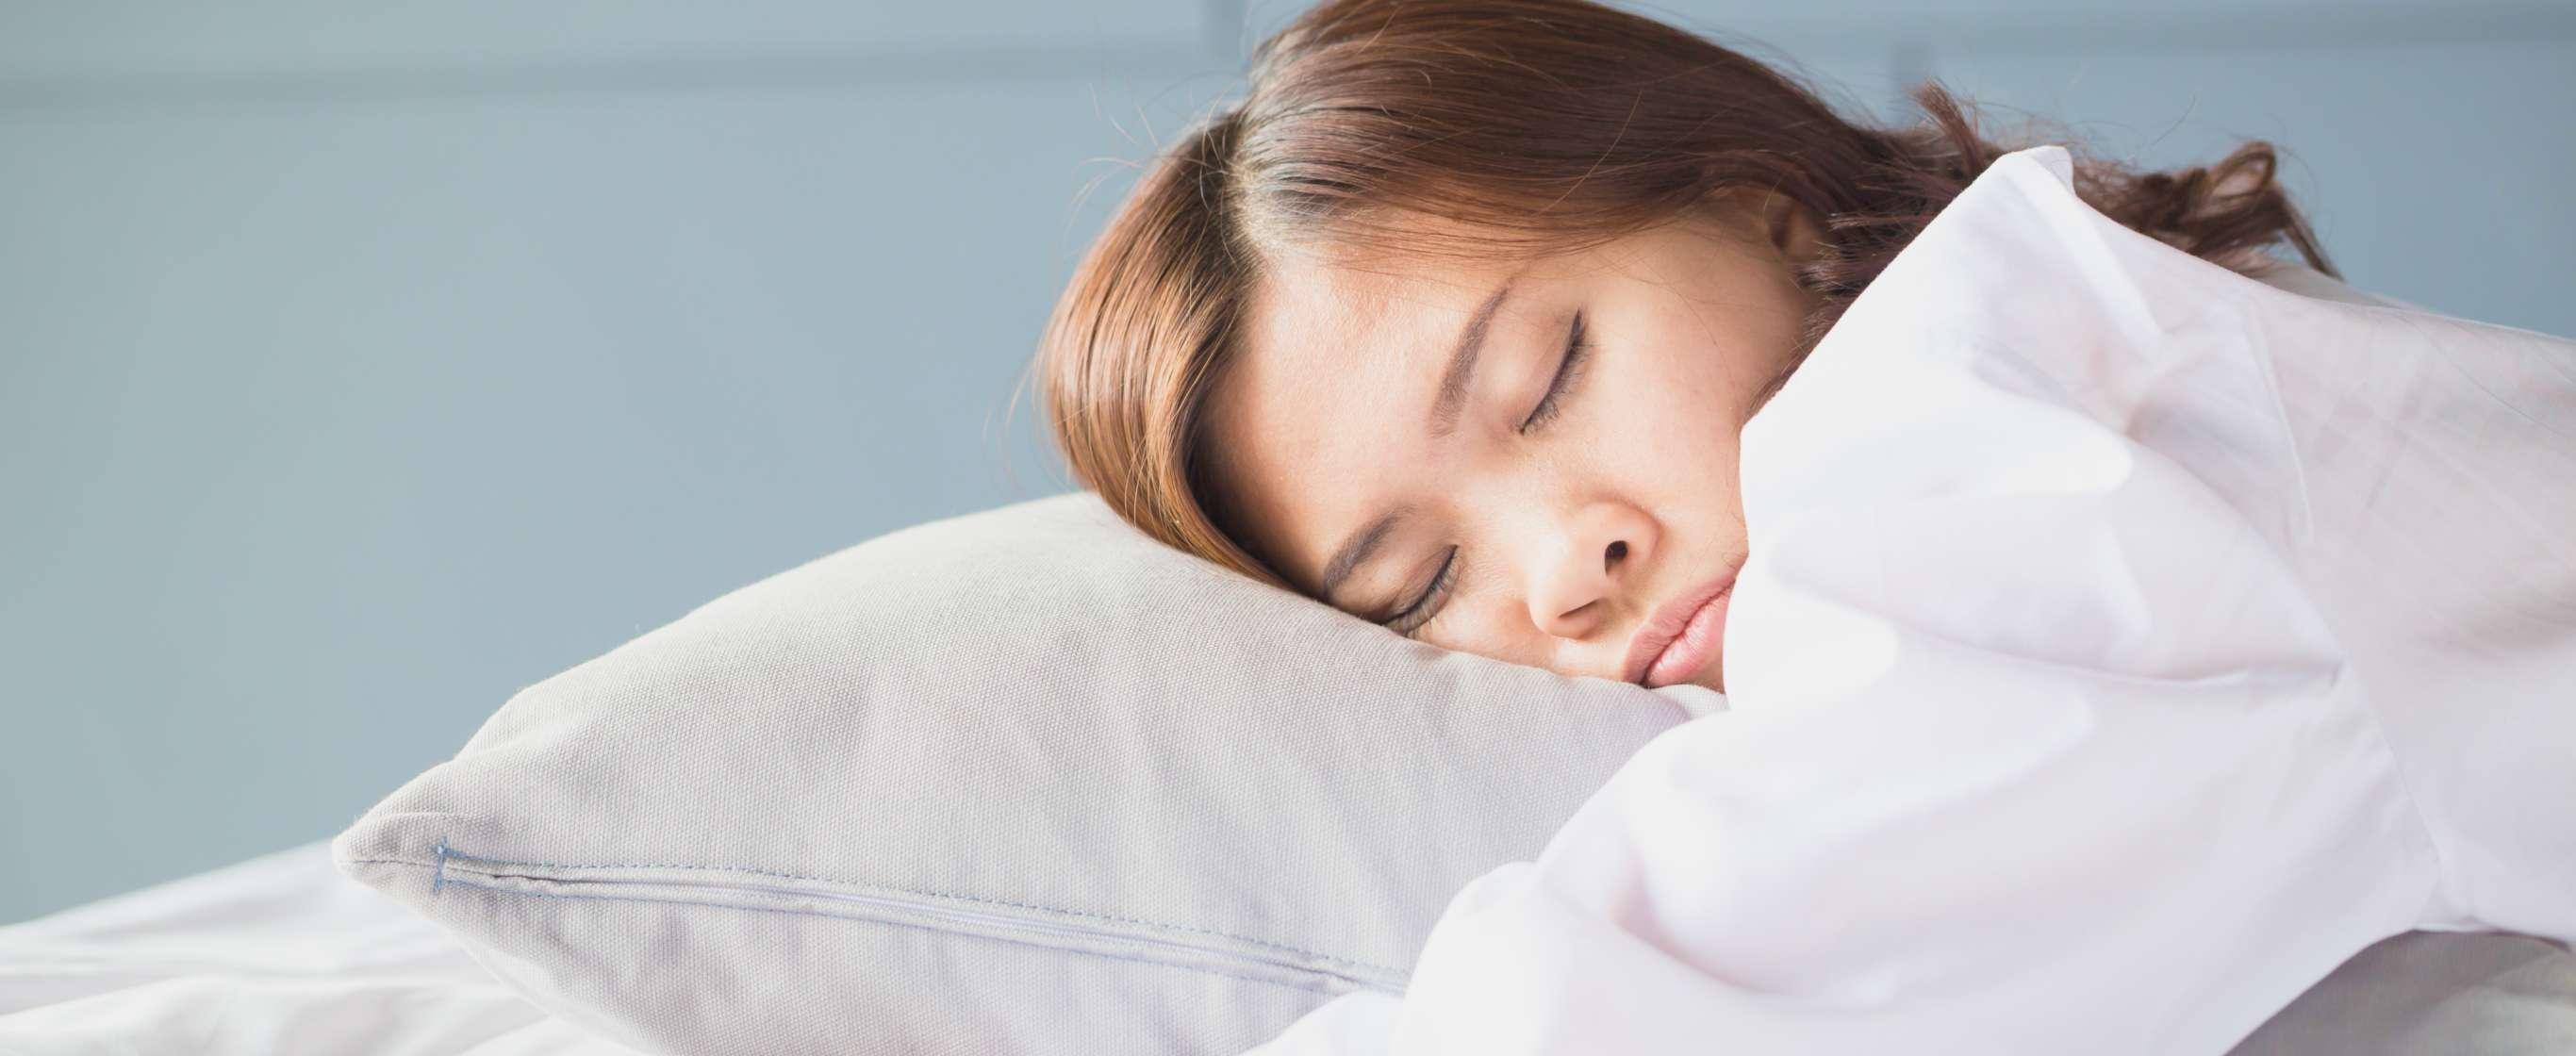 Tình trạng giấc ngủ nói gì về sức khoẻ của bạn? | Prudential Việt Nam